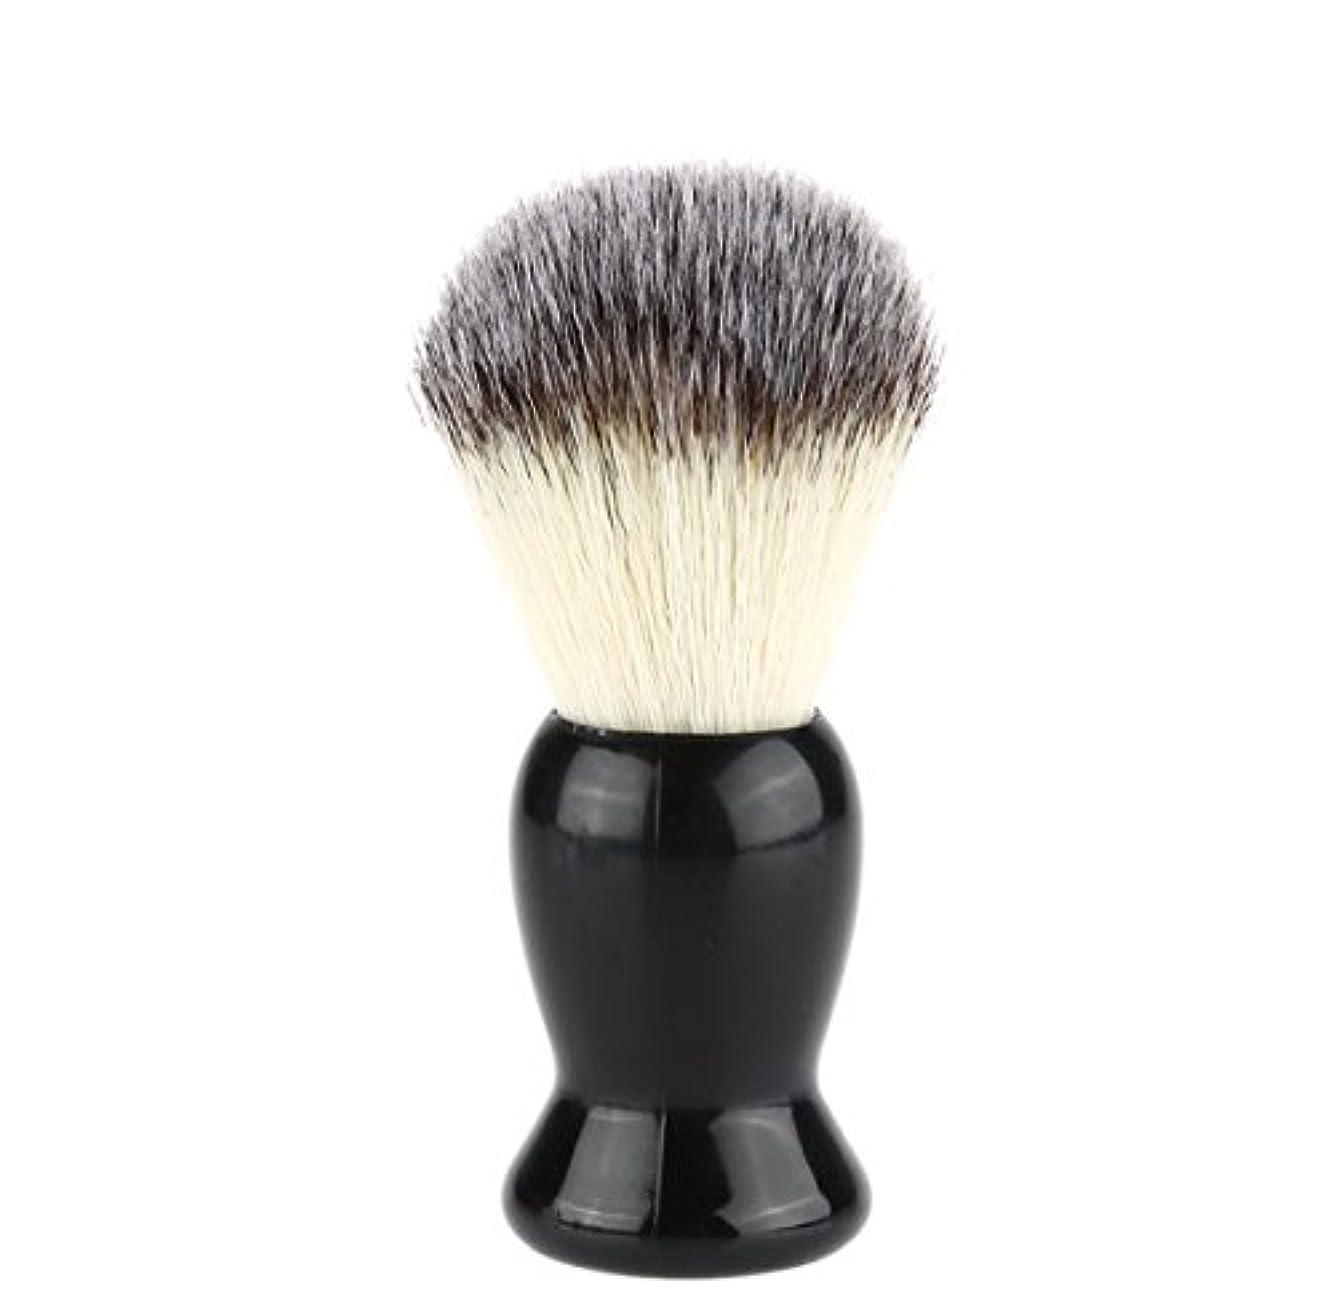 代わりにを立てるご覧くださいパンツSuperb Barber Salon Shaving Brush Black Handle Face Beard Cleaning Men Shaving Razor Brush Cleaning Appliance...